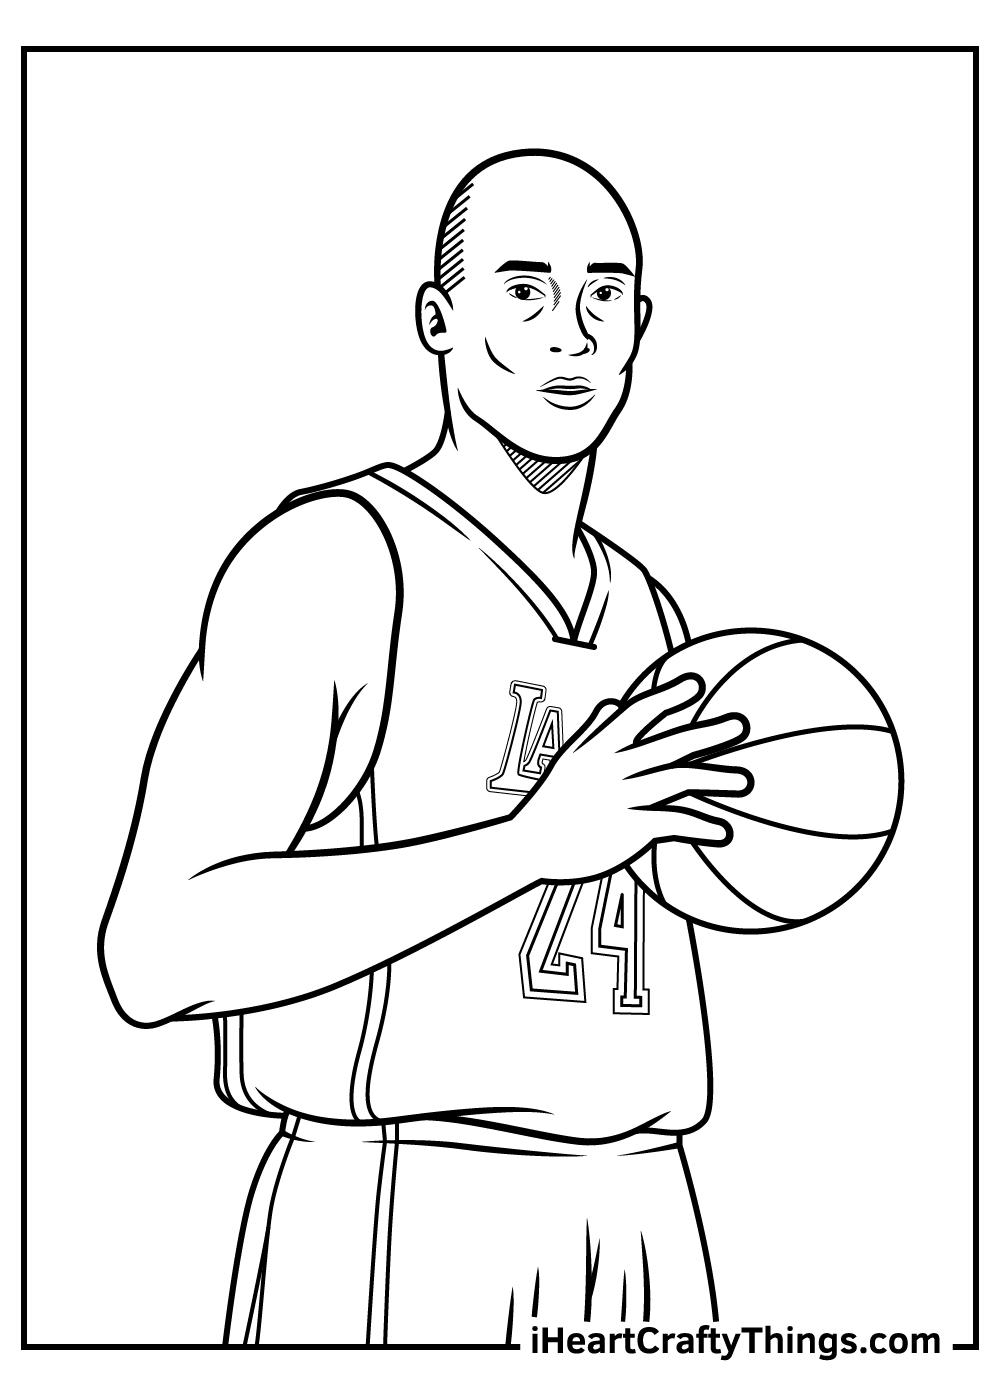 Kobe Bryant black and white image